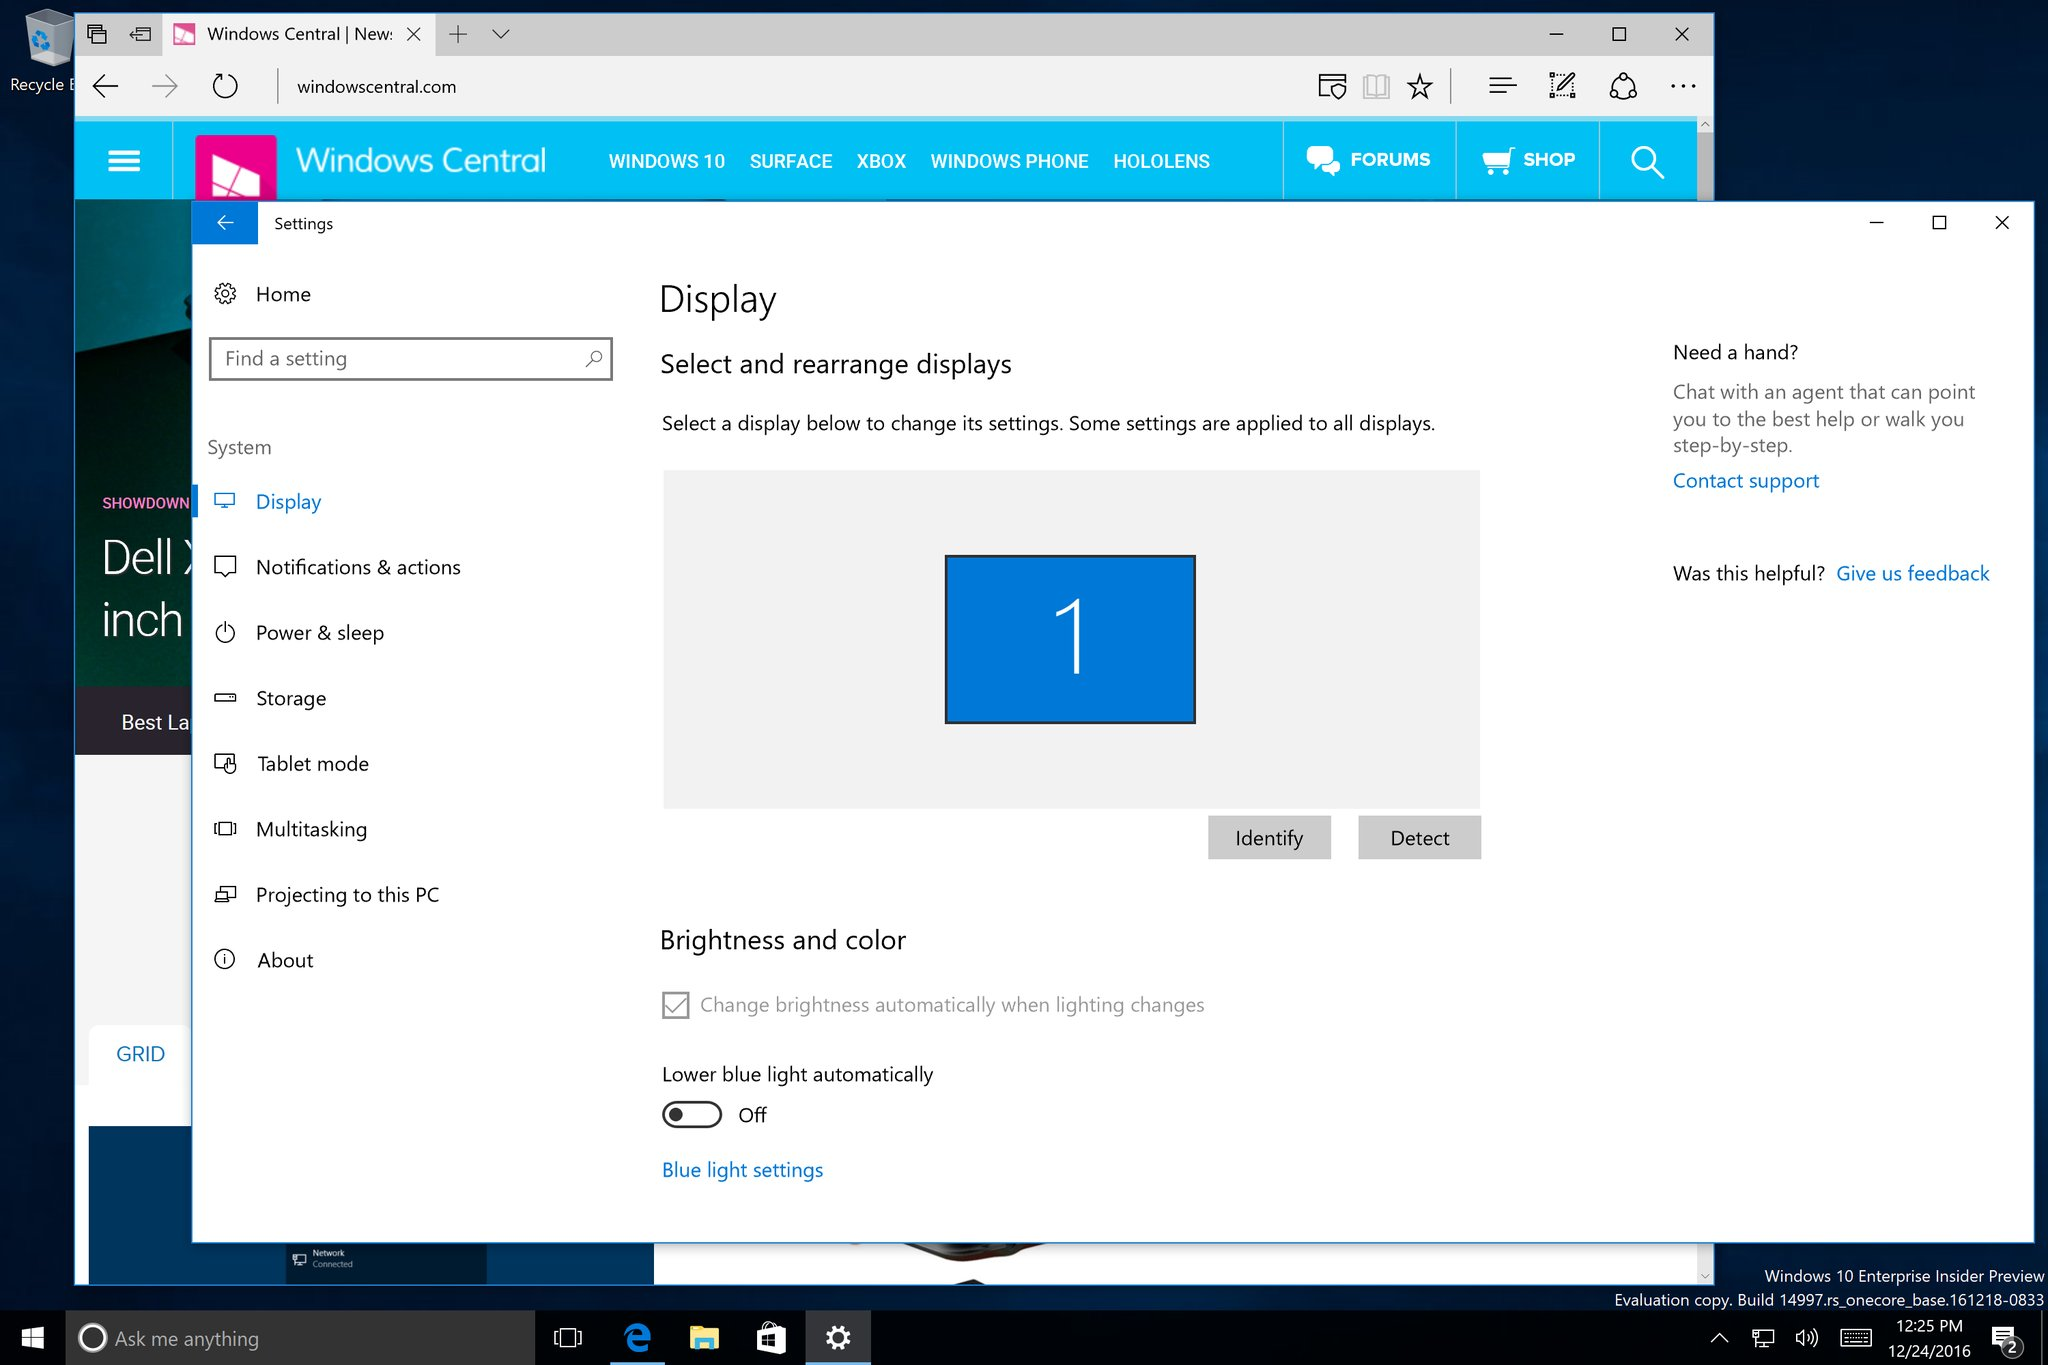 La Build 14997 de Windows 10 traerá nuevas funciones para Cortana y otra mejoras